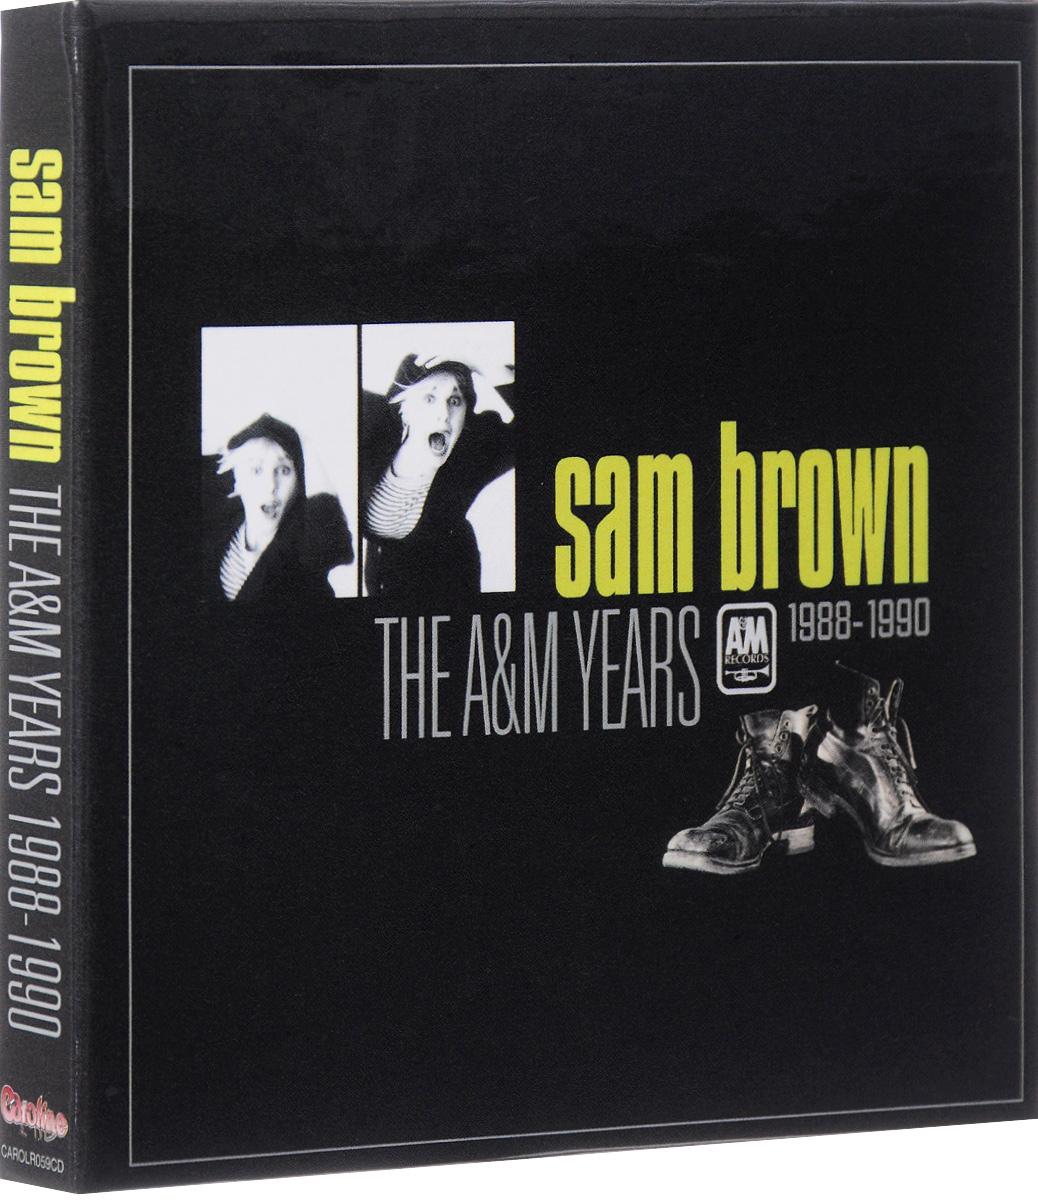 Сэм Браун Sam Brown. The A&M Years 1988-1990 (4 CD + DVD)